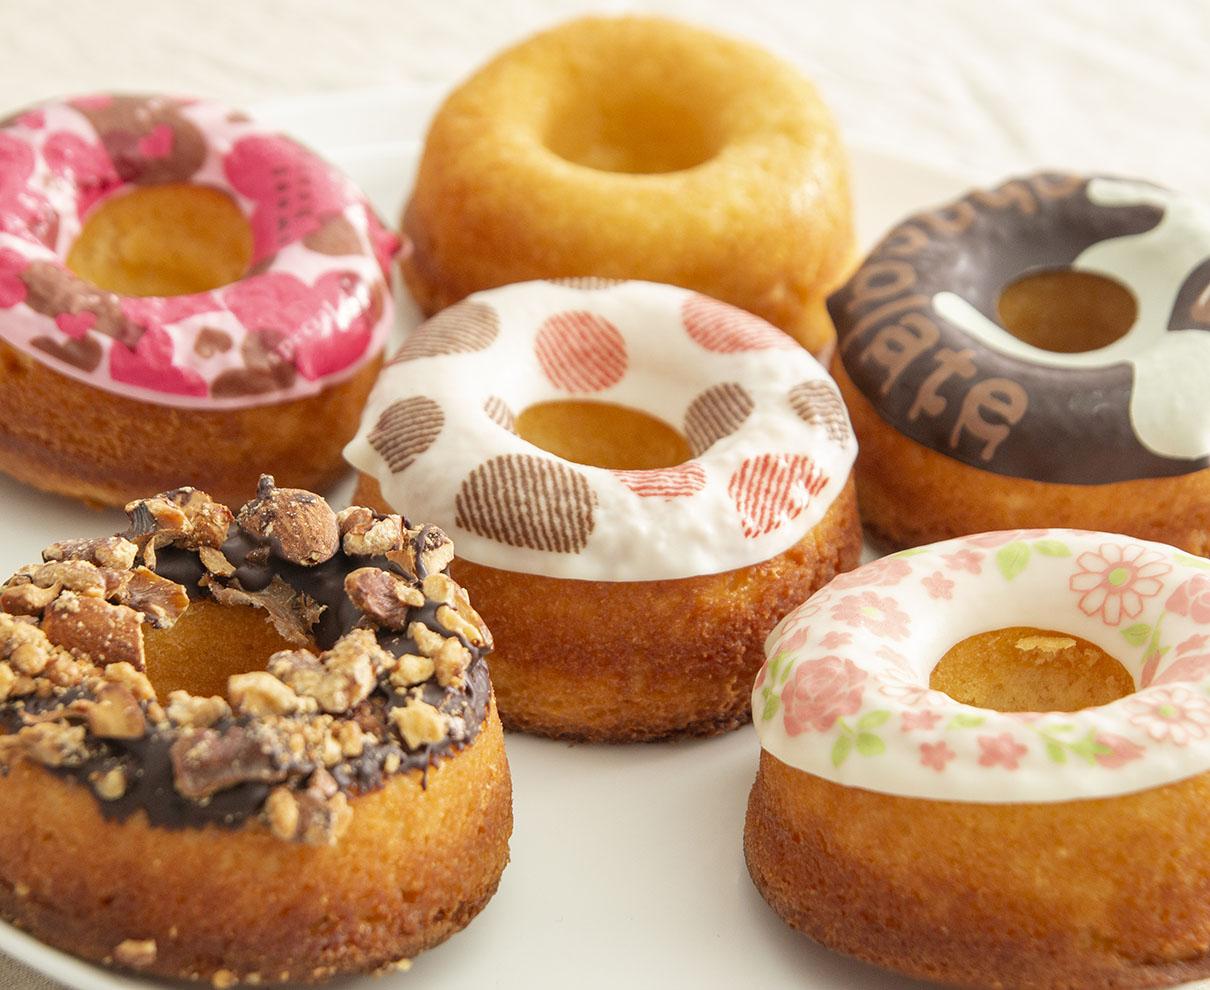 今日のおやつは、松田陽明堂の焼きドーナツ♪